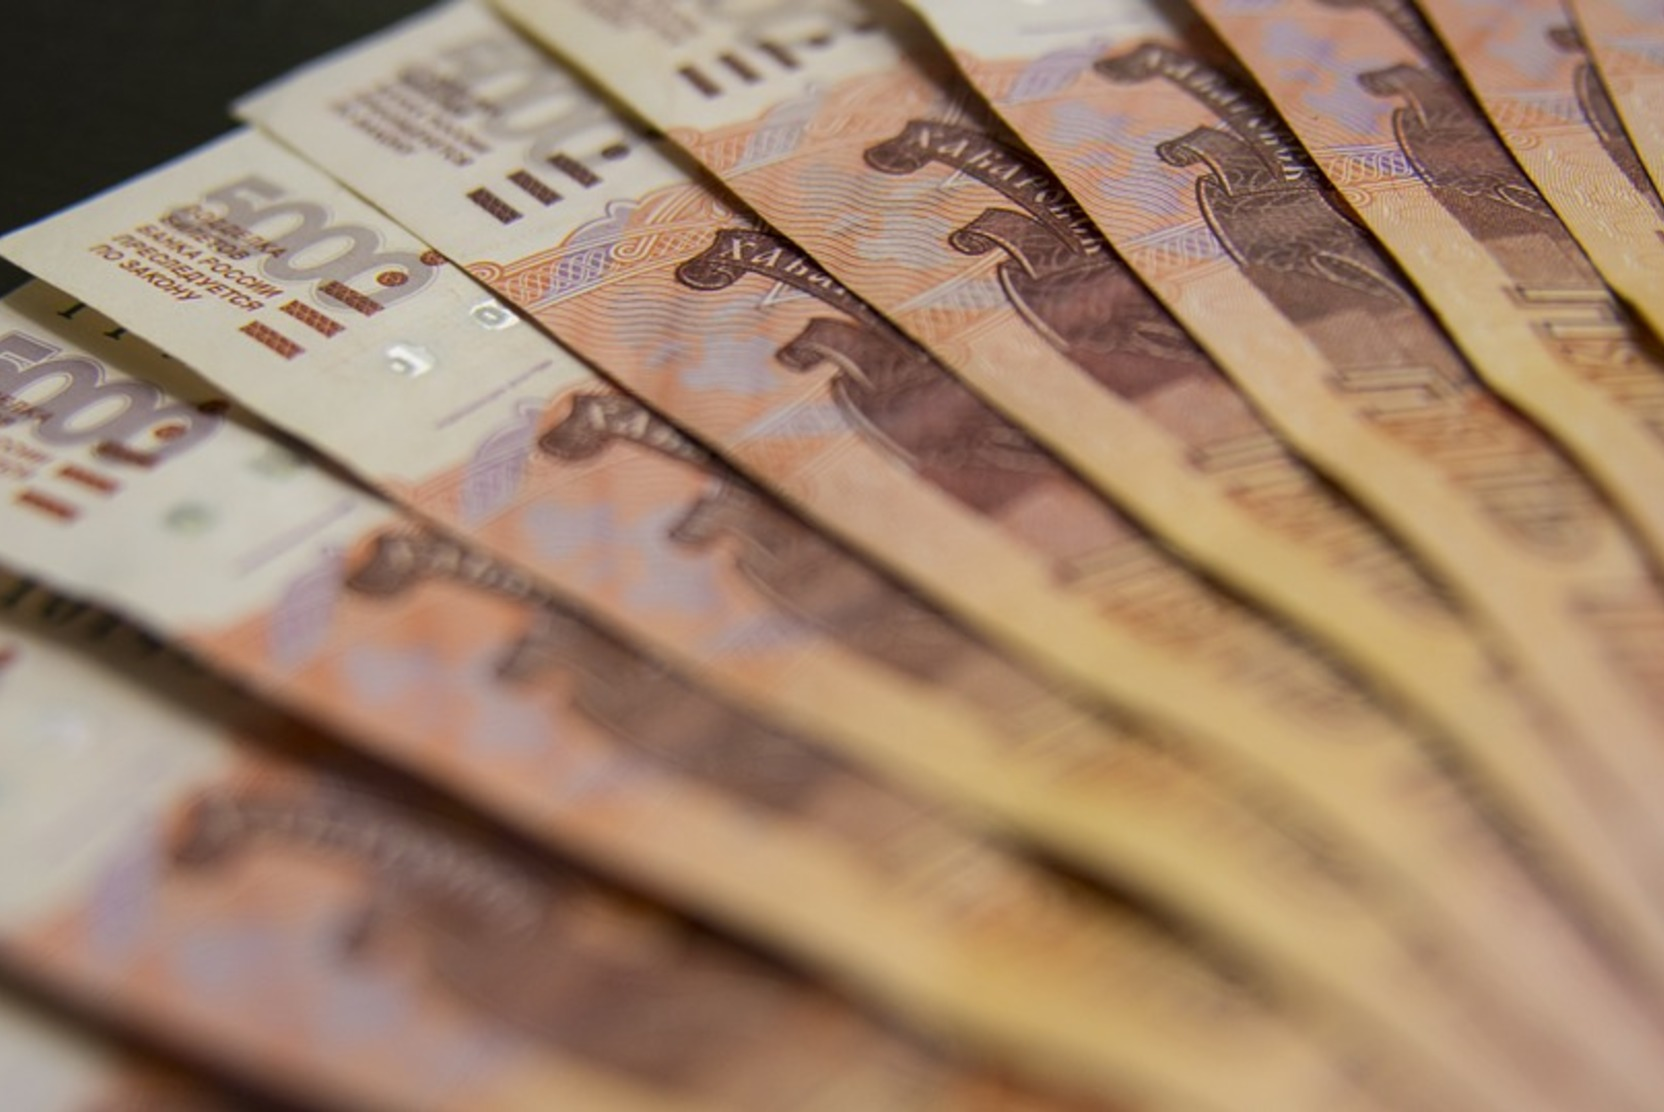 Сотрудница инкассаторского агентства в Ростове-на-Дону присвоила 9 млн рублей